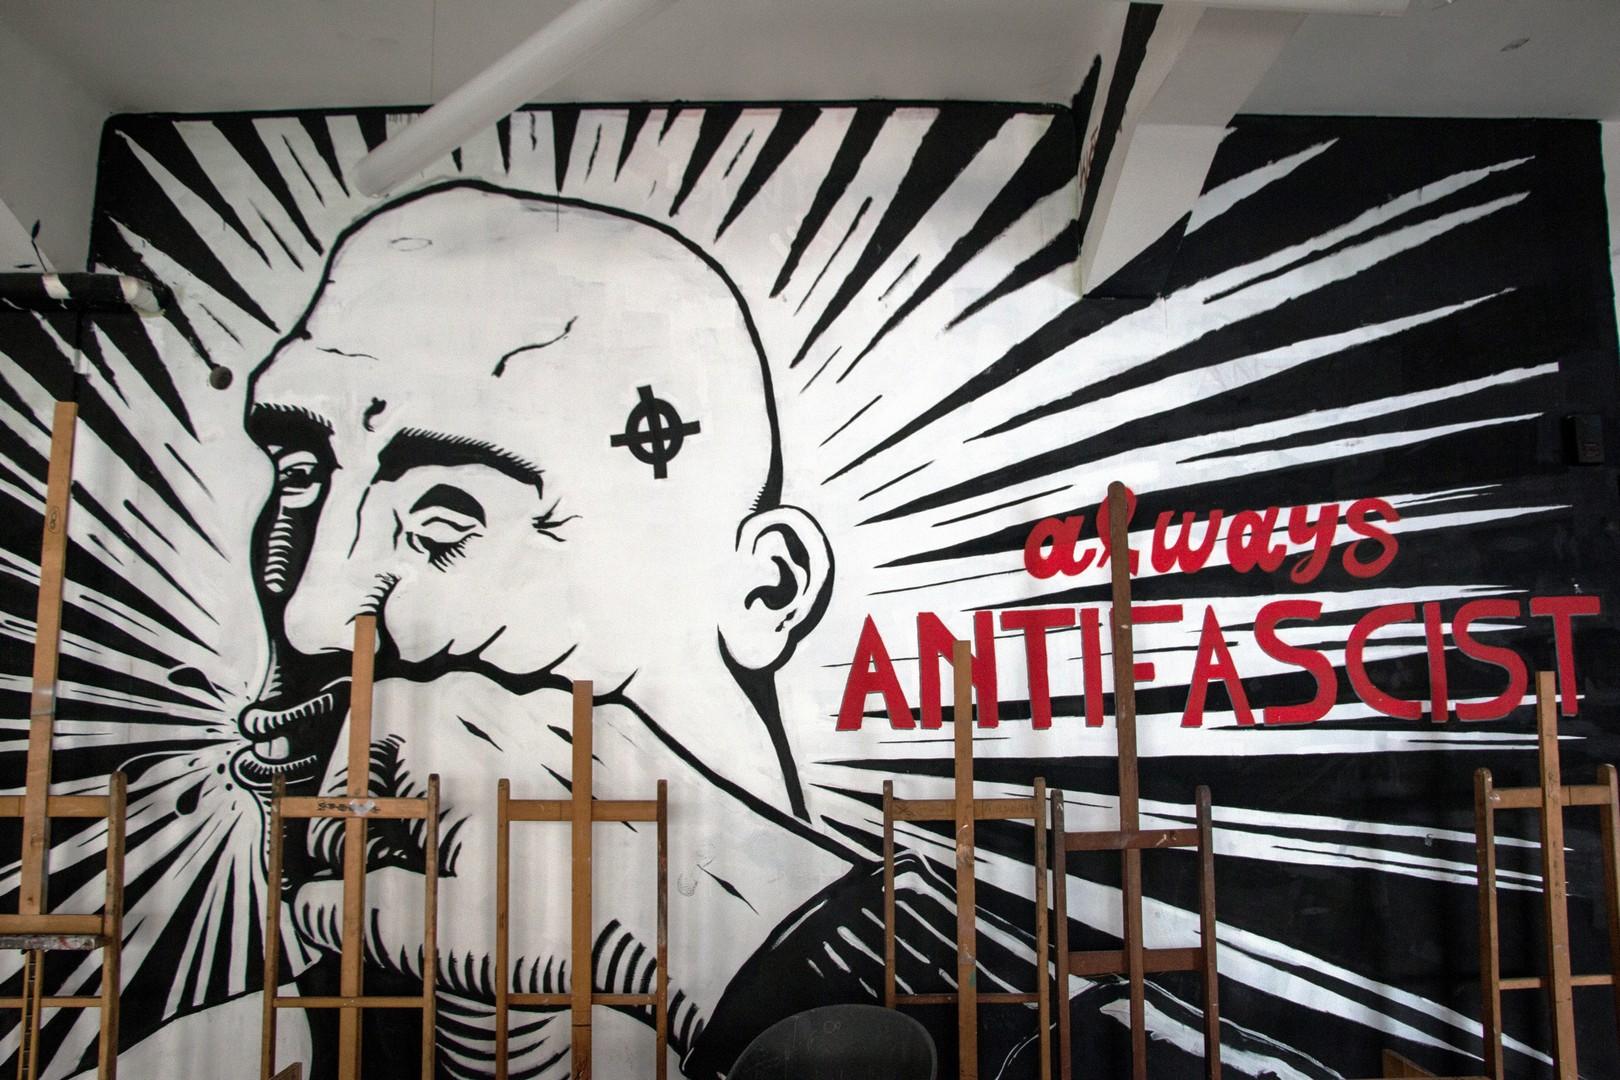 Τοιχογραφία στον χώρο του κυλικείου της ΑΣΚΤ ©Δανάη Κωτσάκη